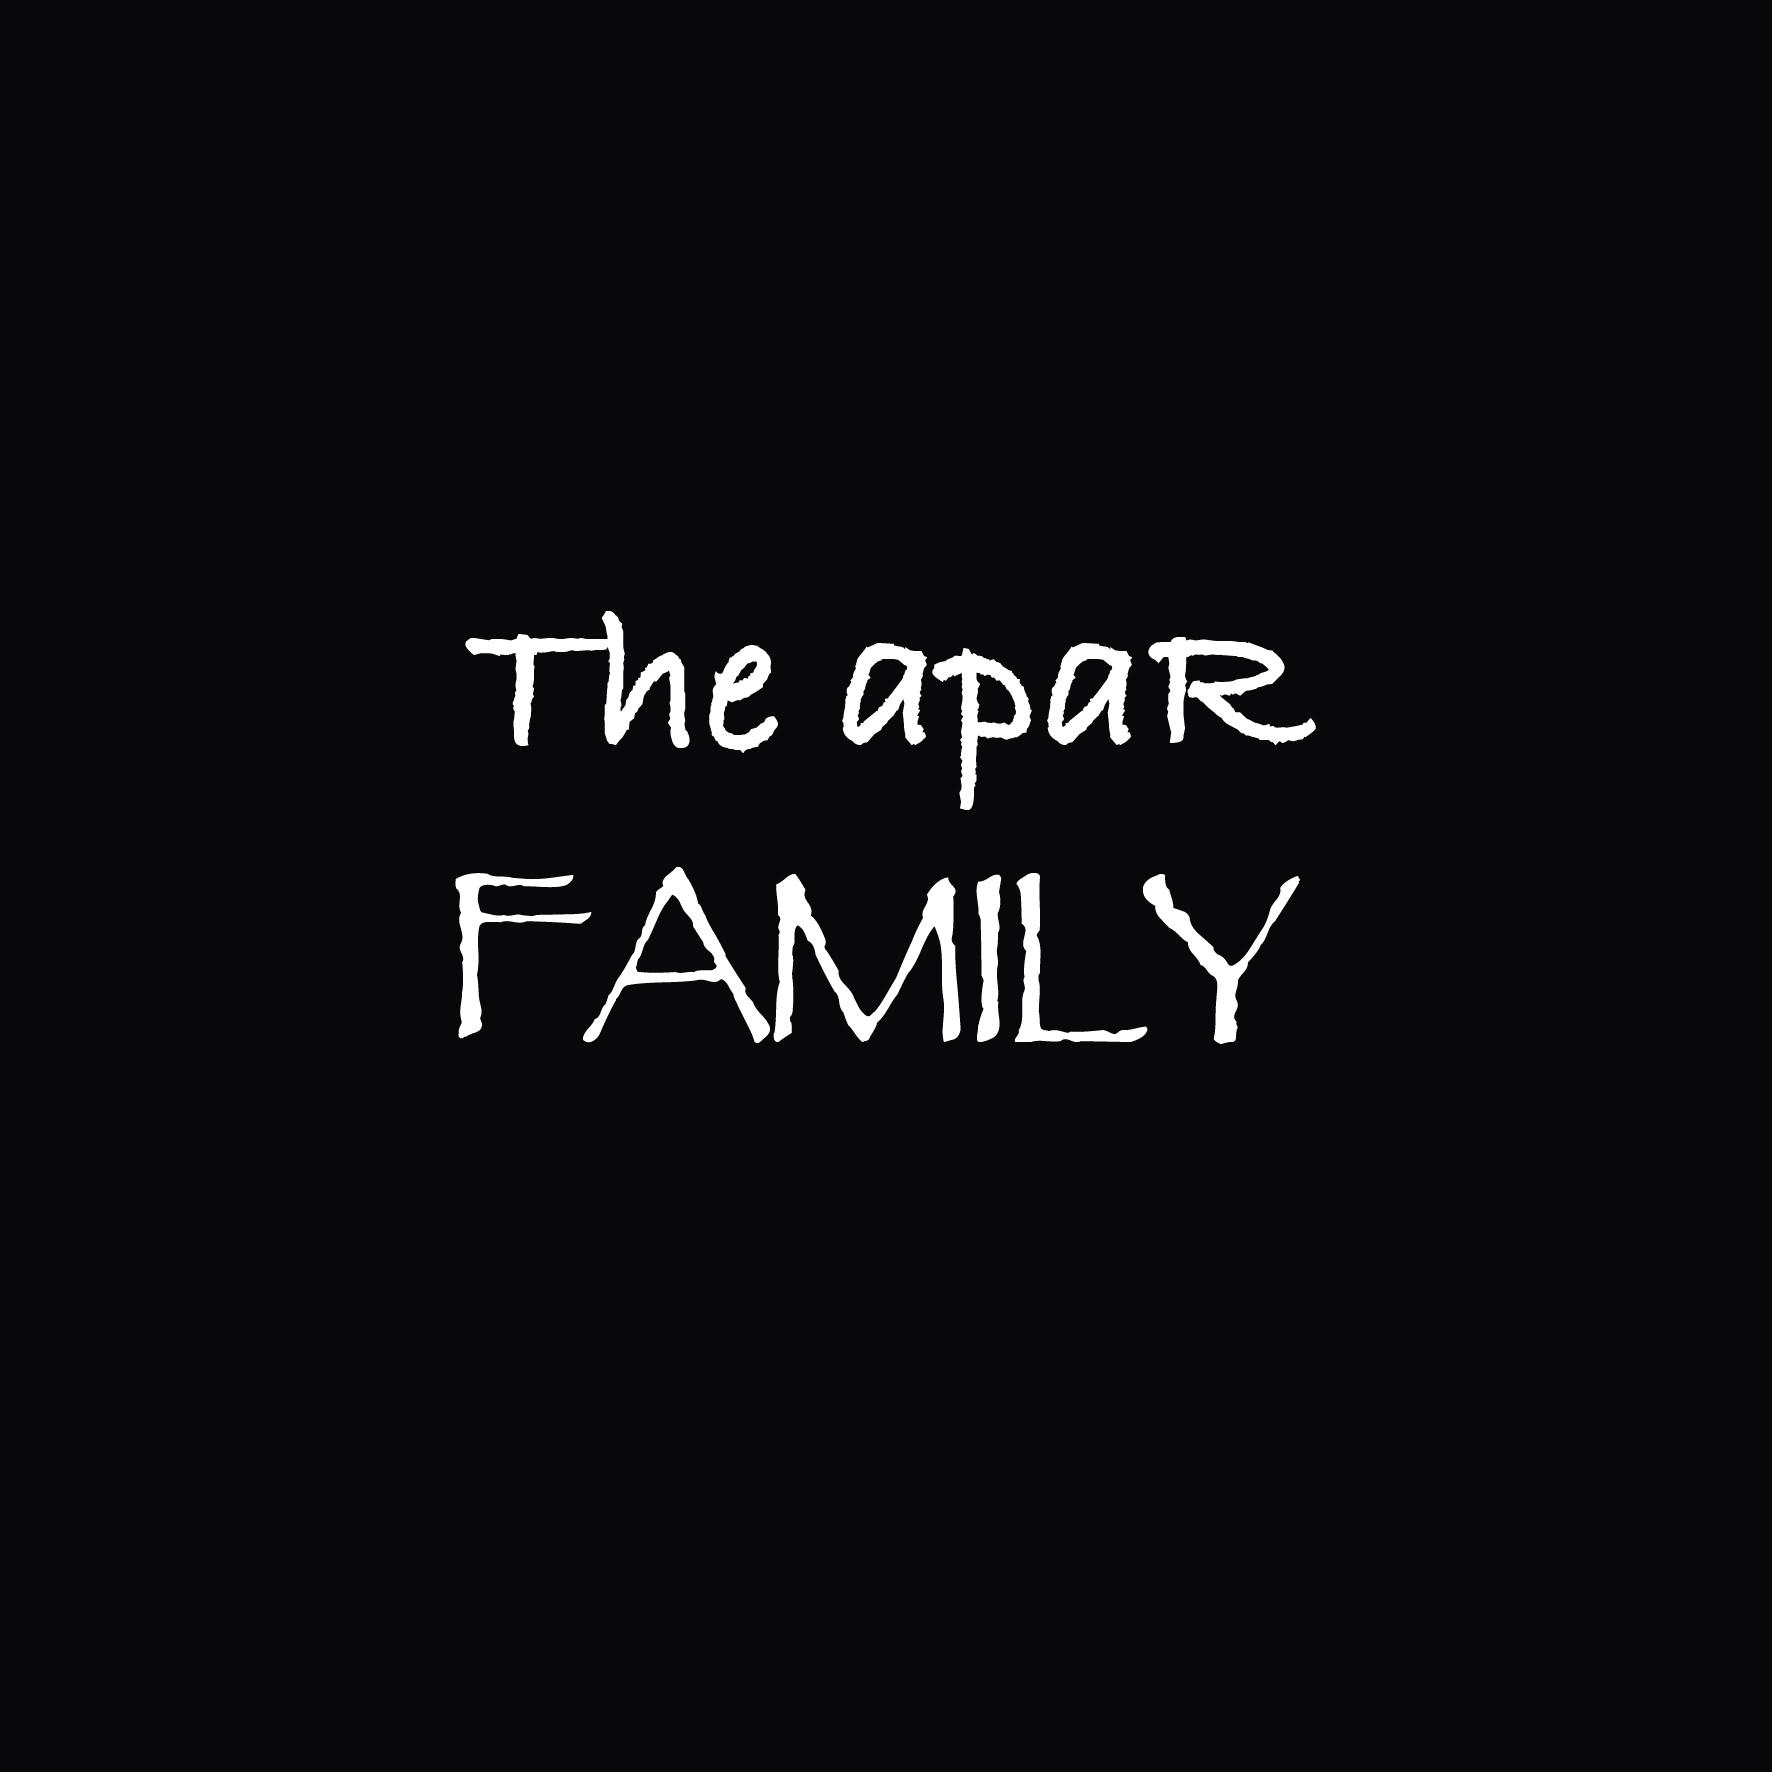 Apar title2 family